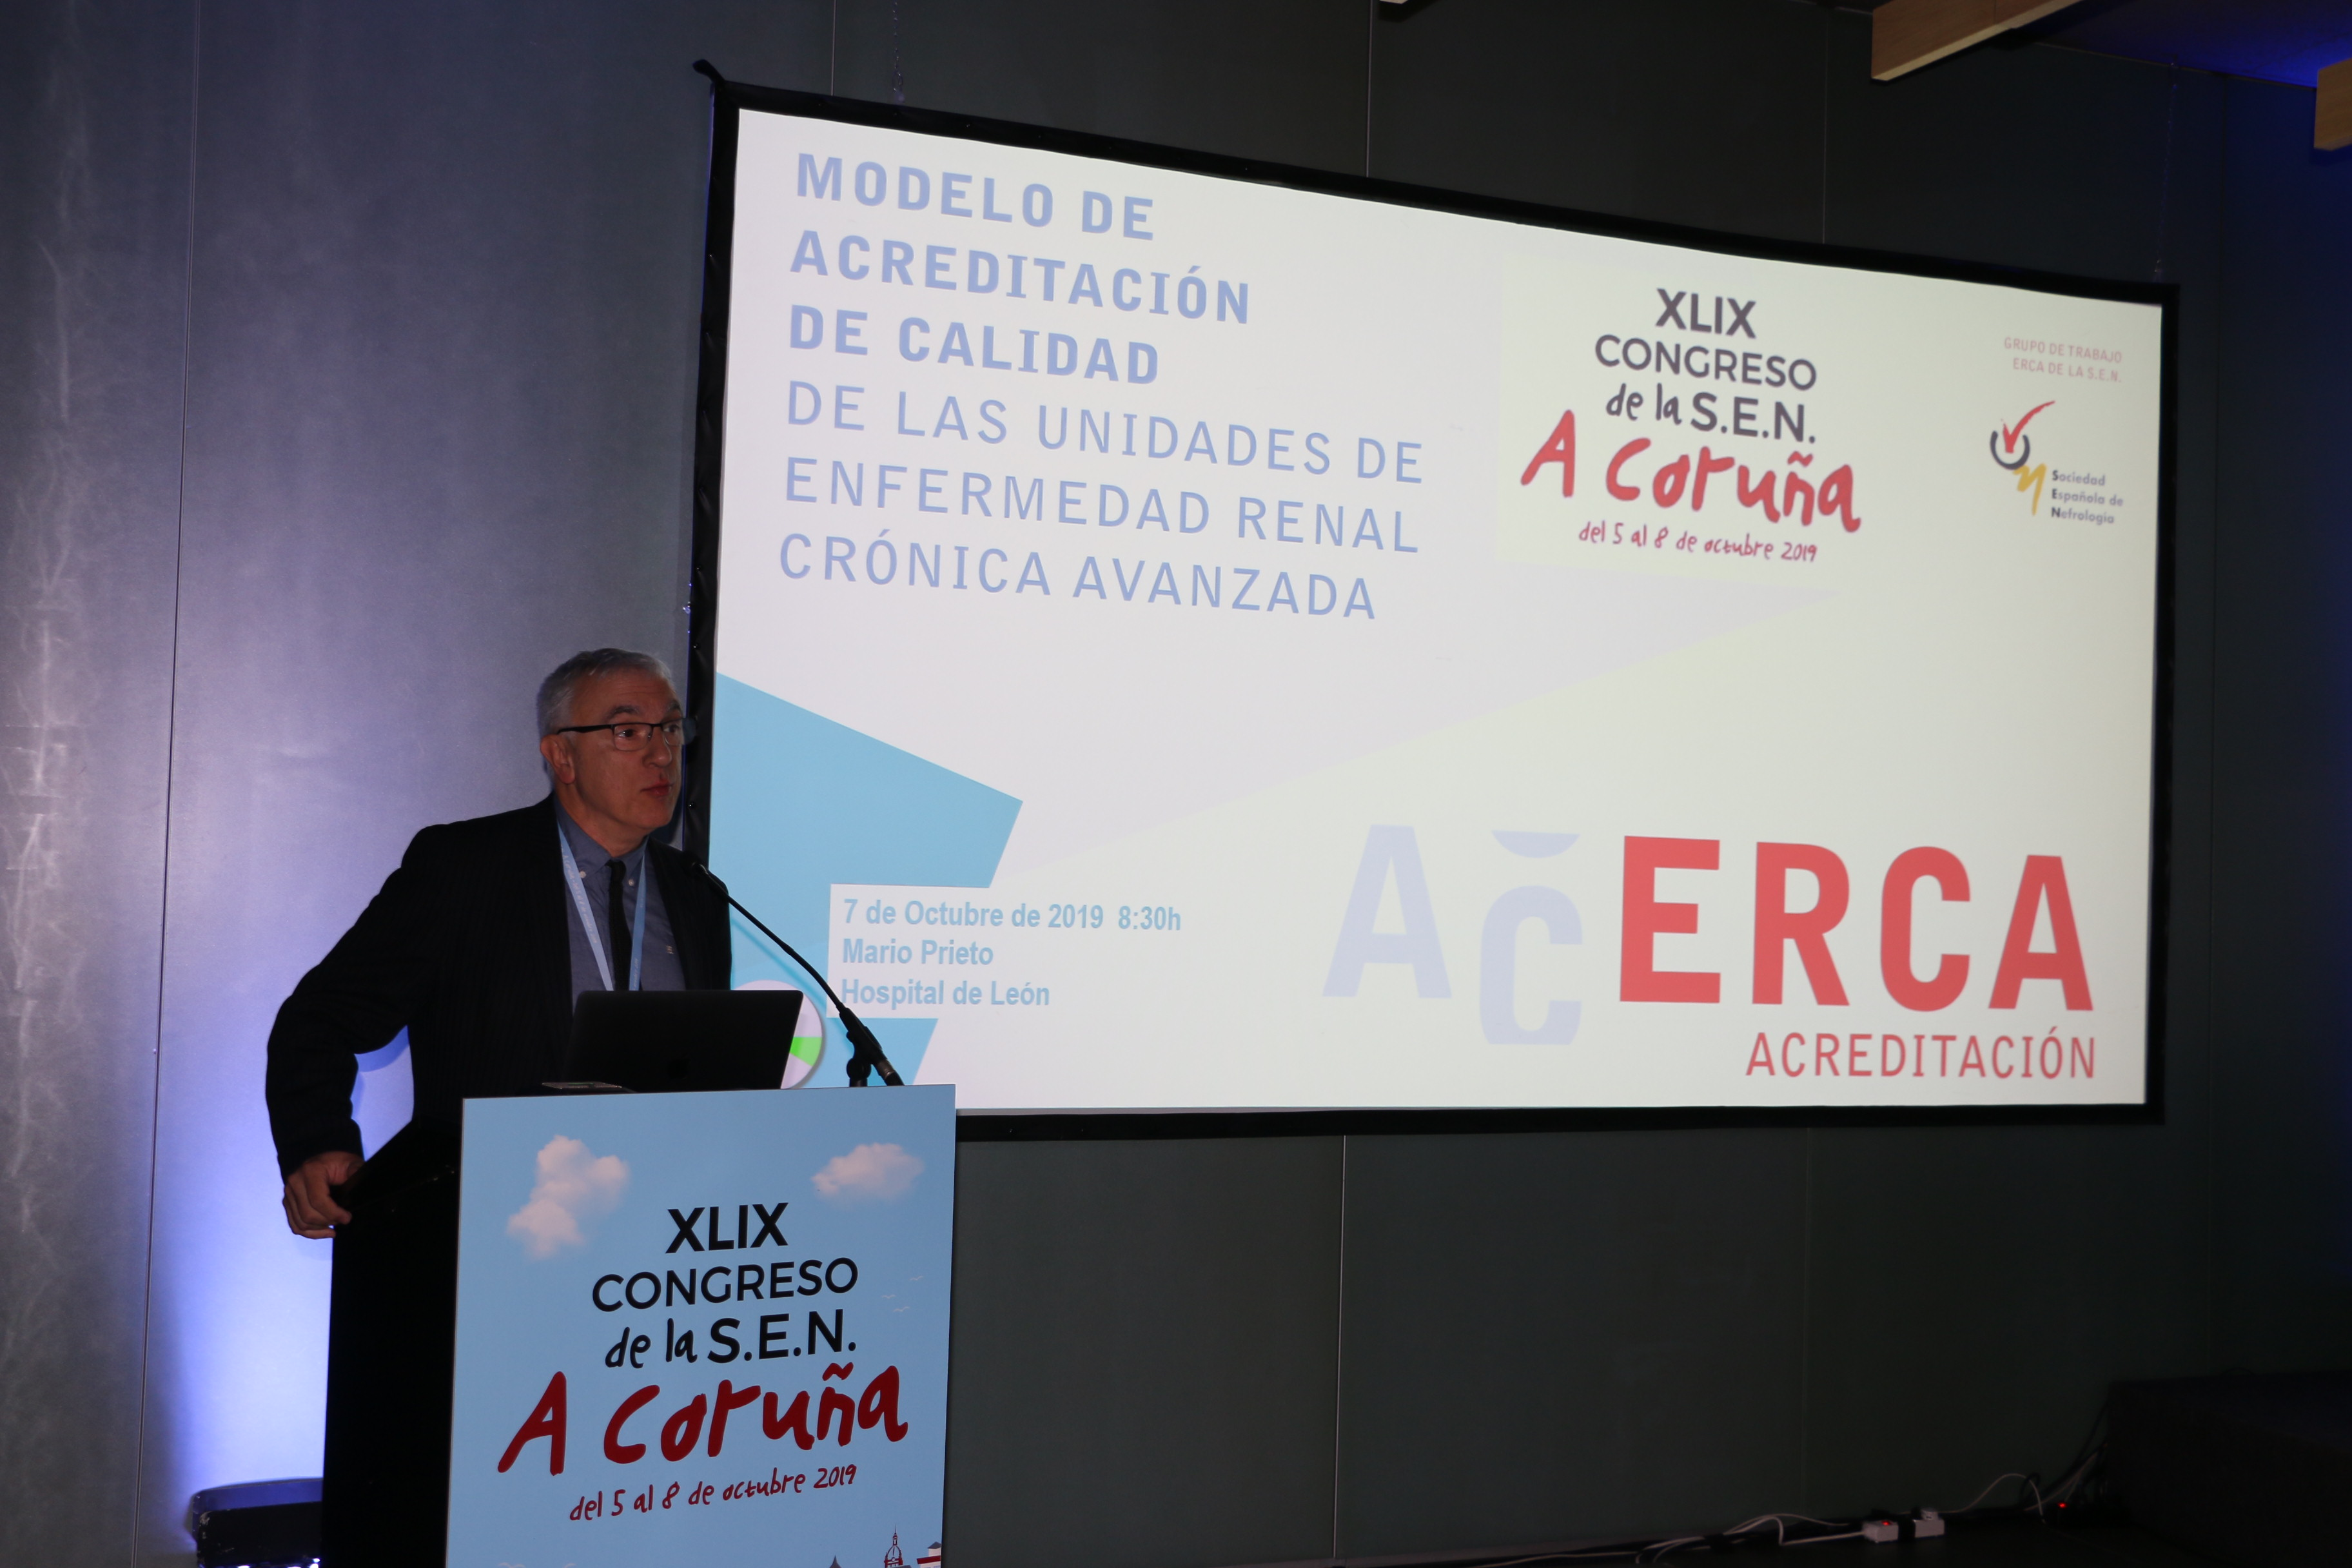 Especialistas crean un modelo de excelencia para mejorar la atención al paciente con Enfermedad Renal Crónica Avanzada (ERCA)